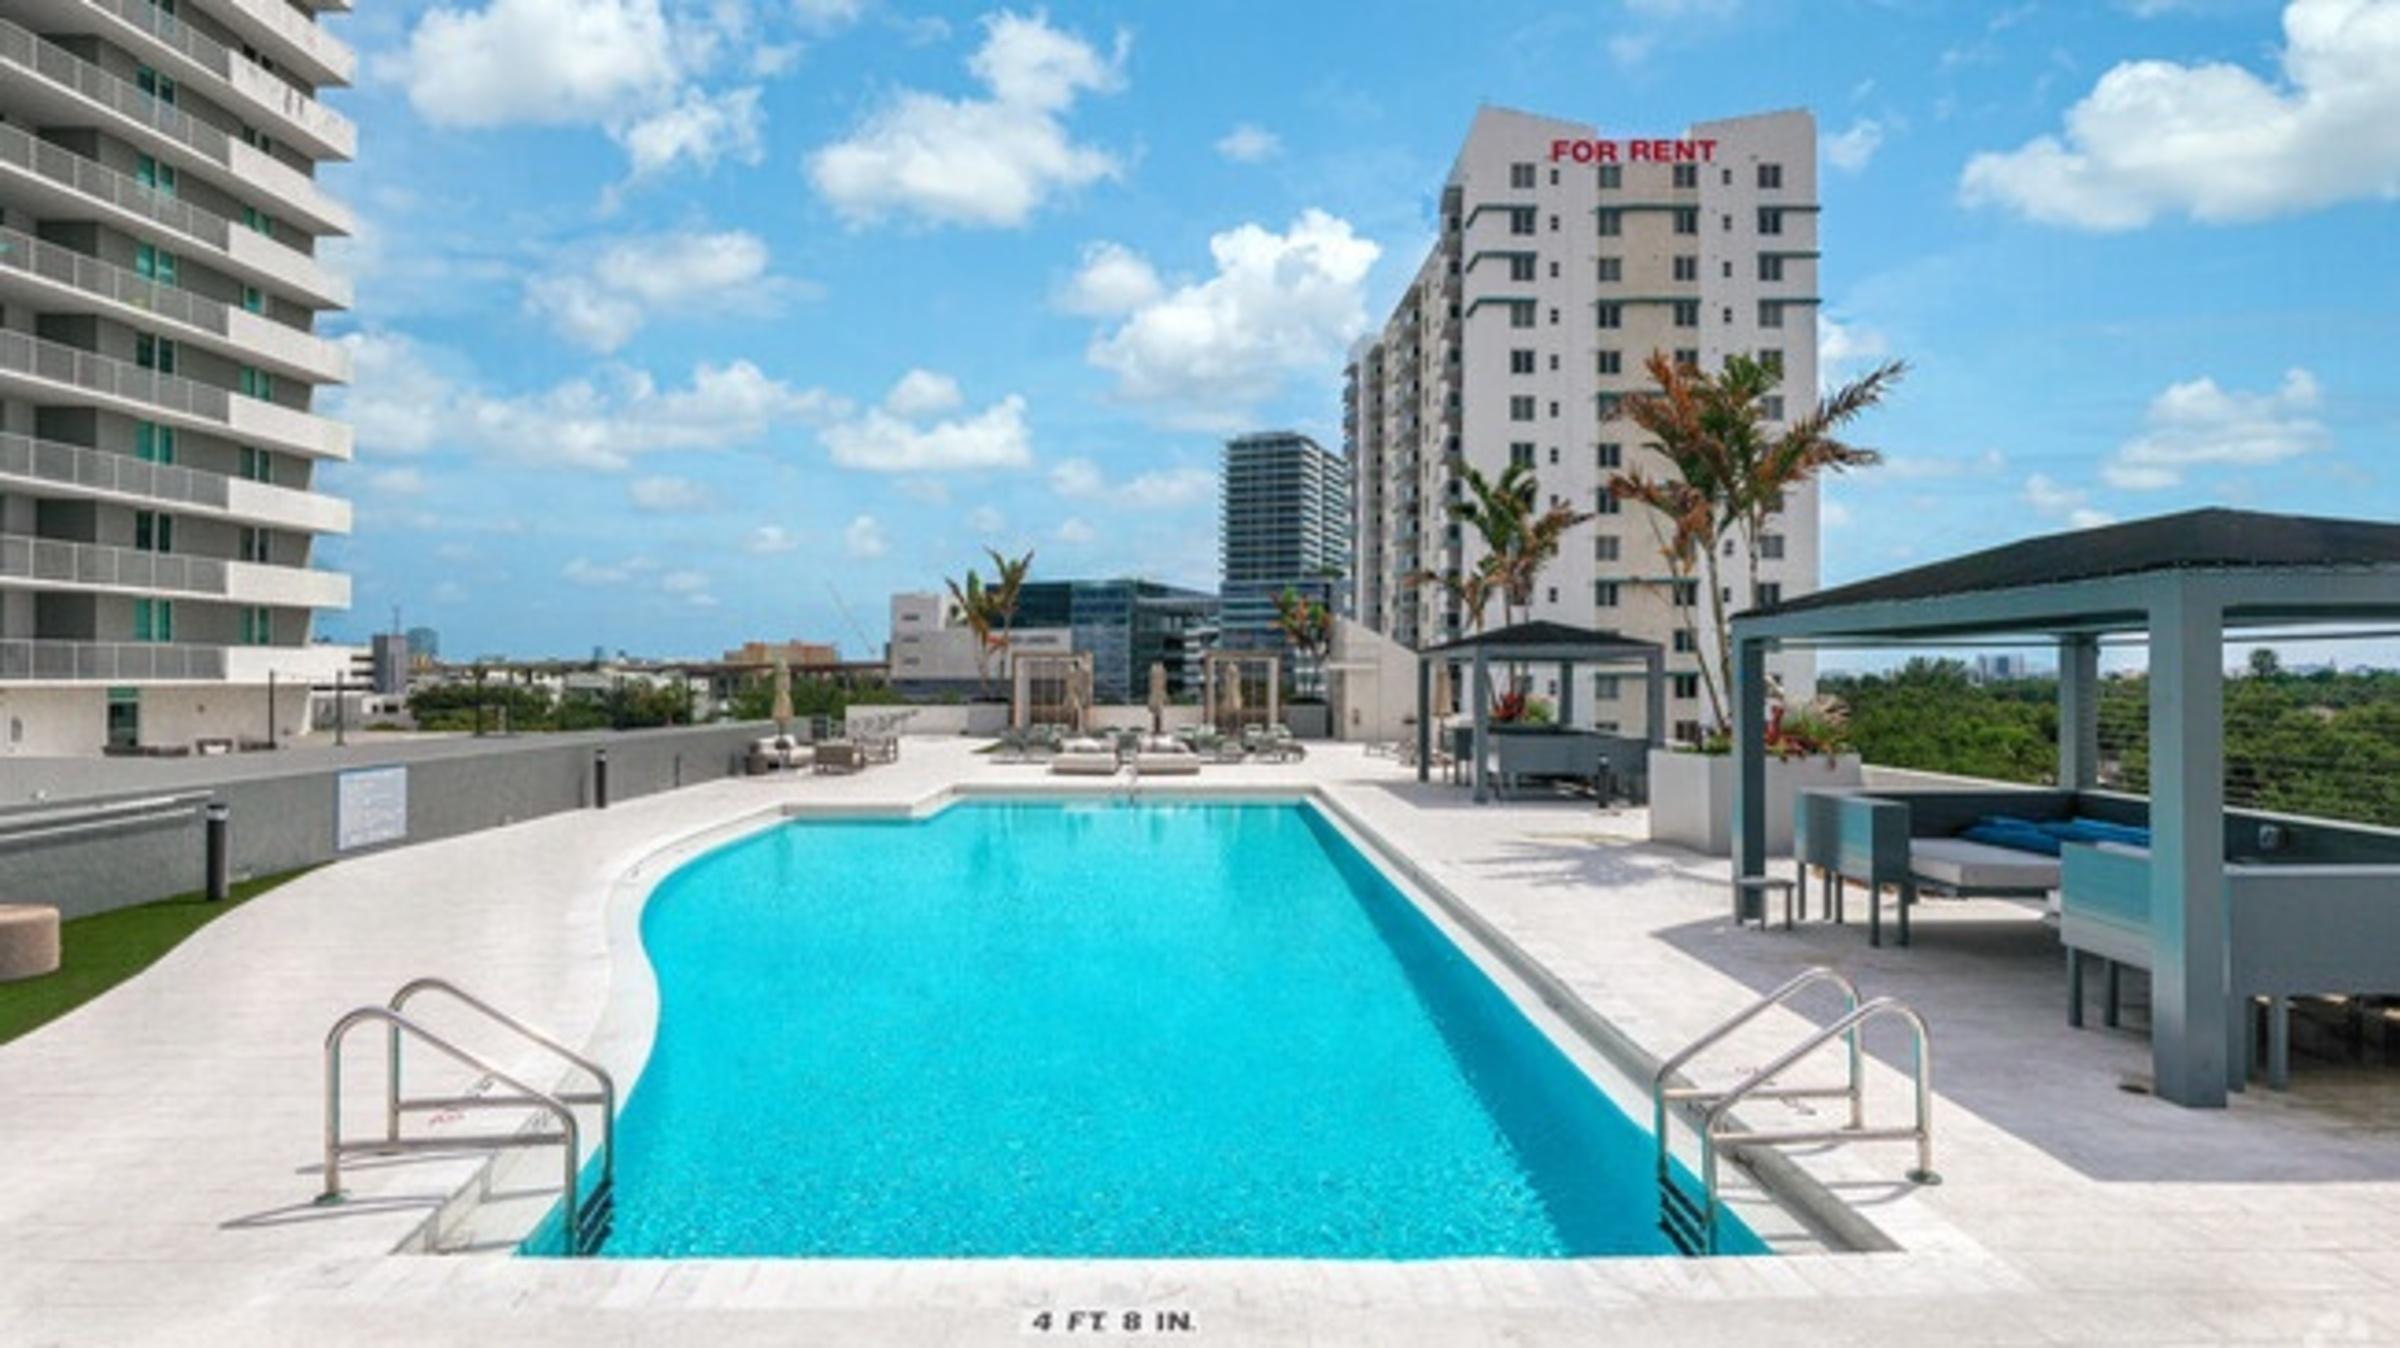 The Modern Miami